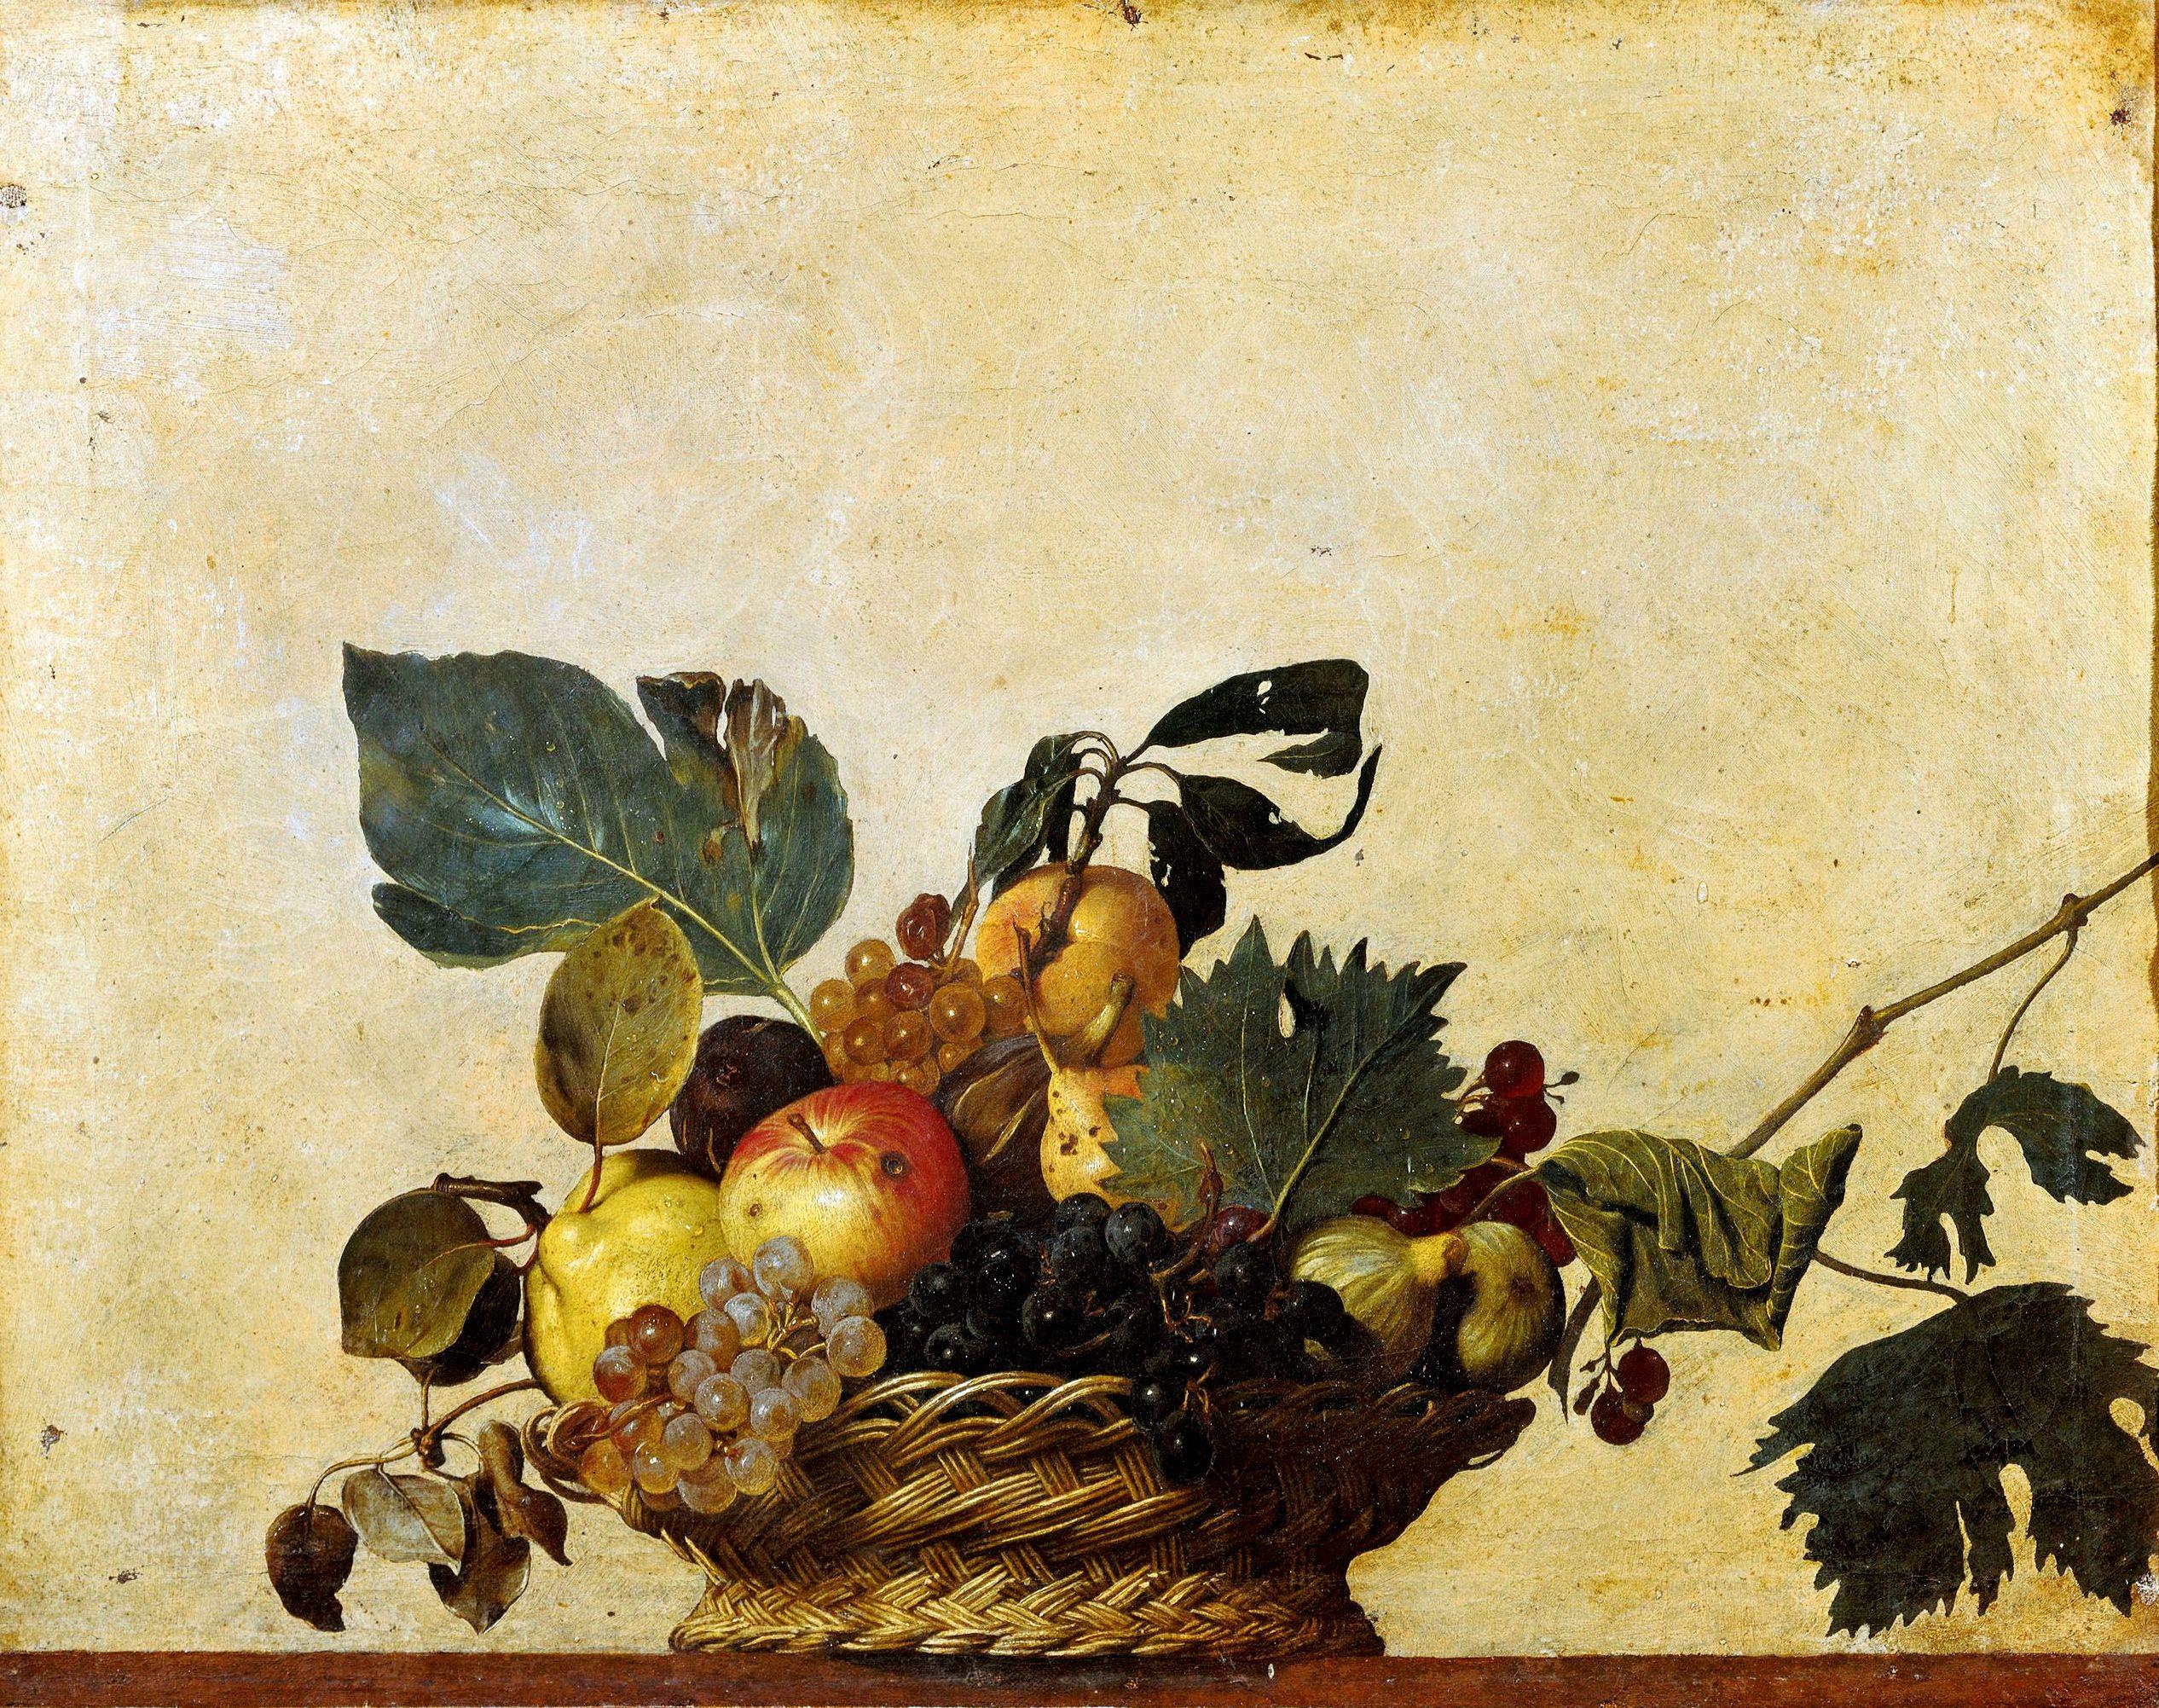 Canestra di frutta (Caravaggio)